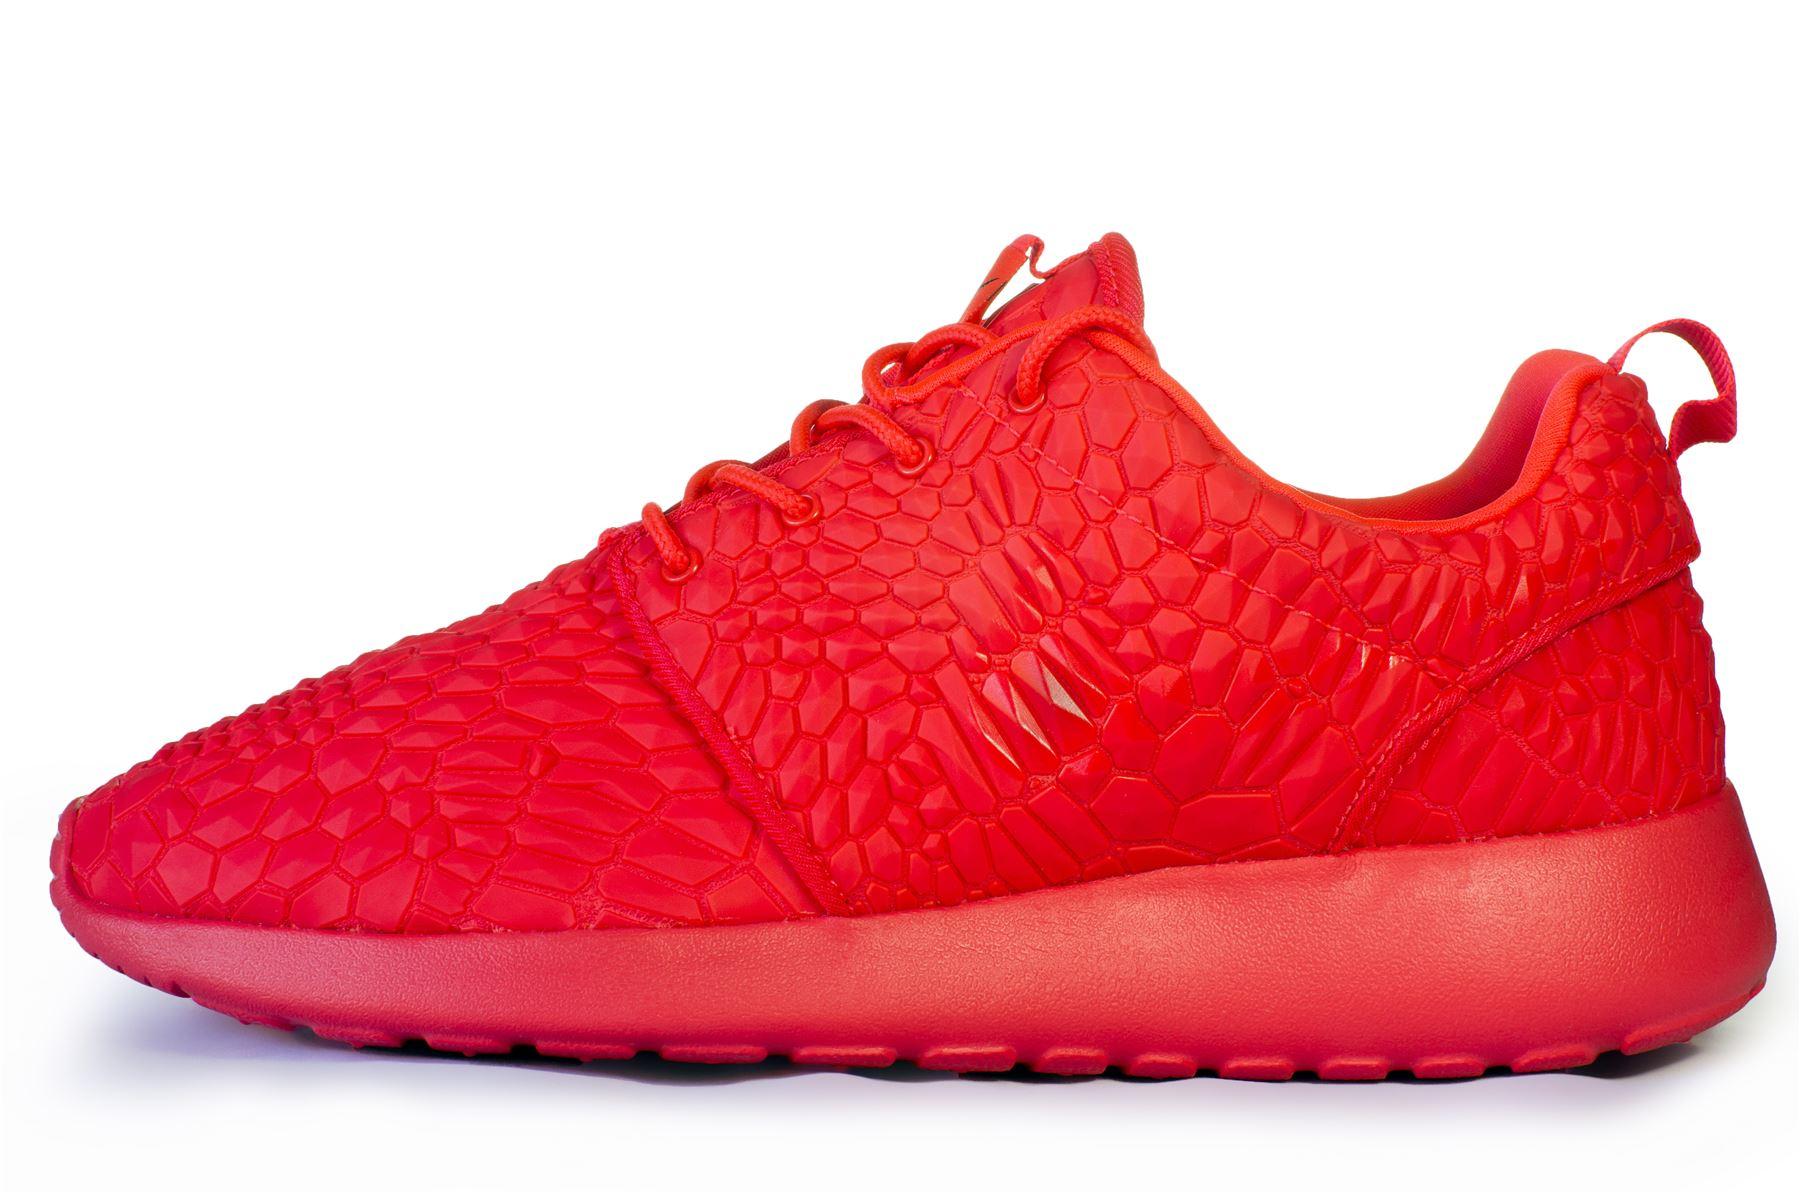 Nike roshe one dmb red womens - Nike Roshe Run One Dmb Women Trainers In Orange Bright Crimson 807460 600